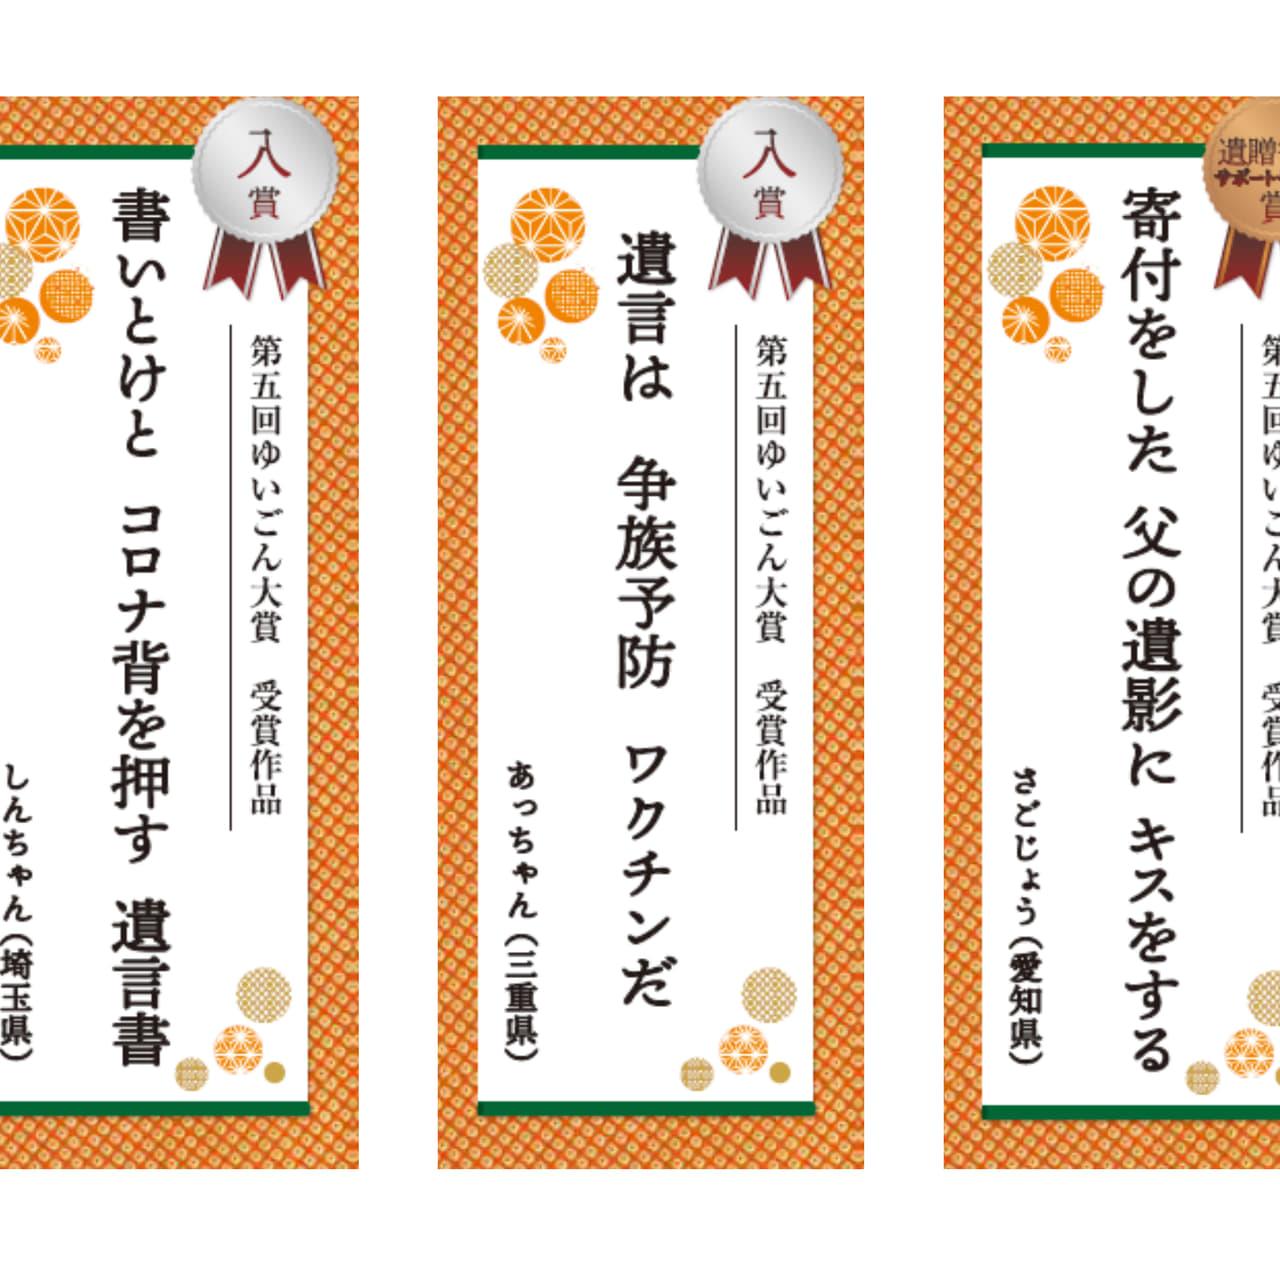 第 5 回ゆいごん大賞「ゆいごん川柳」選考結果発表!!